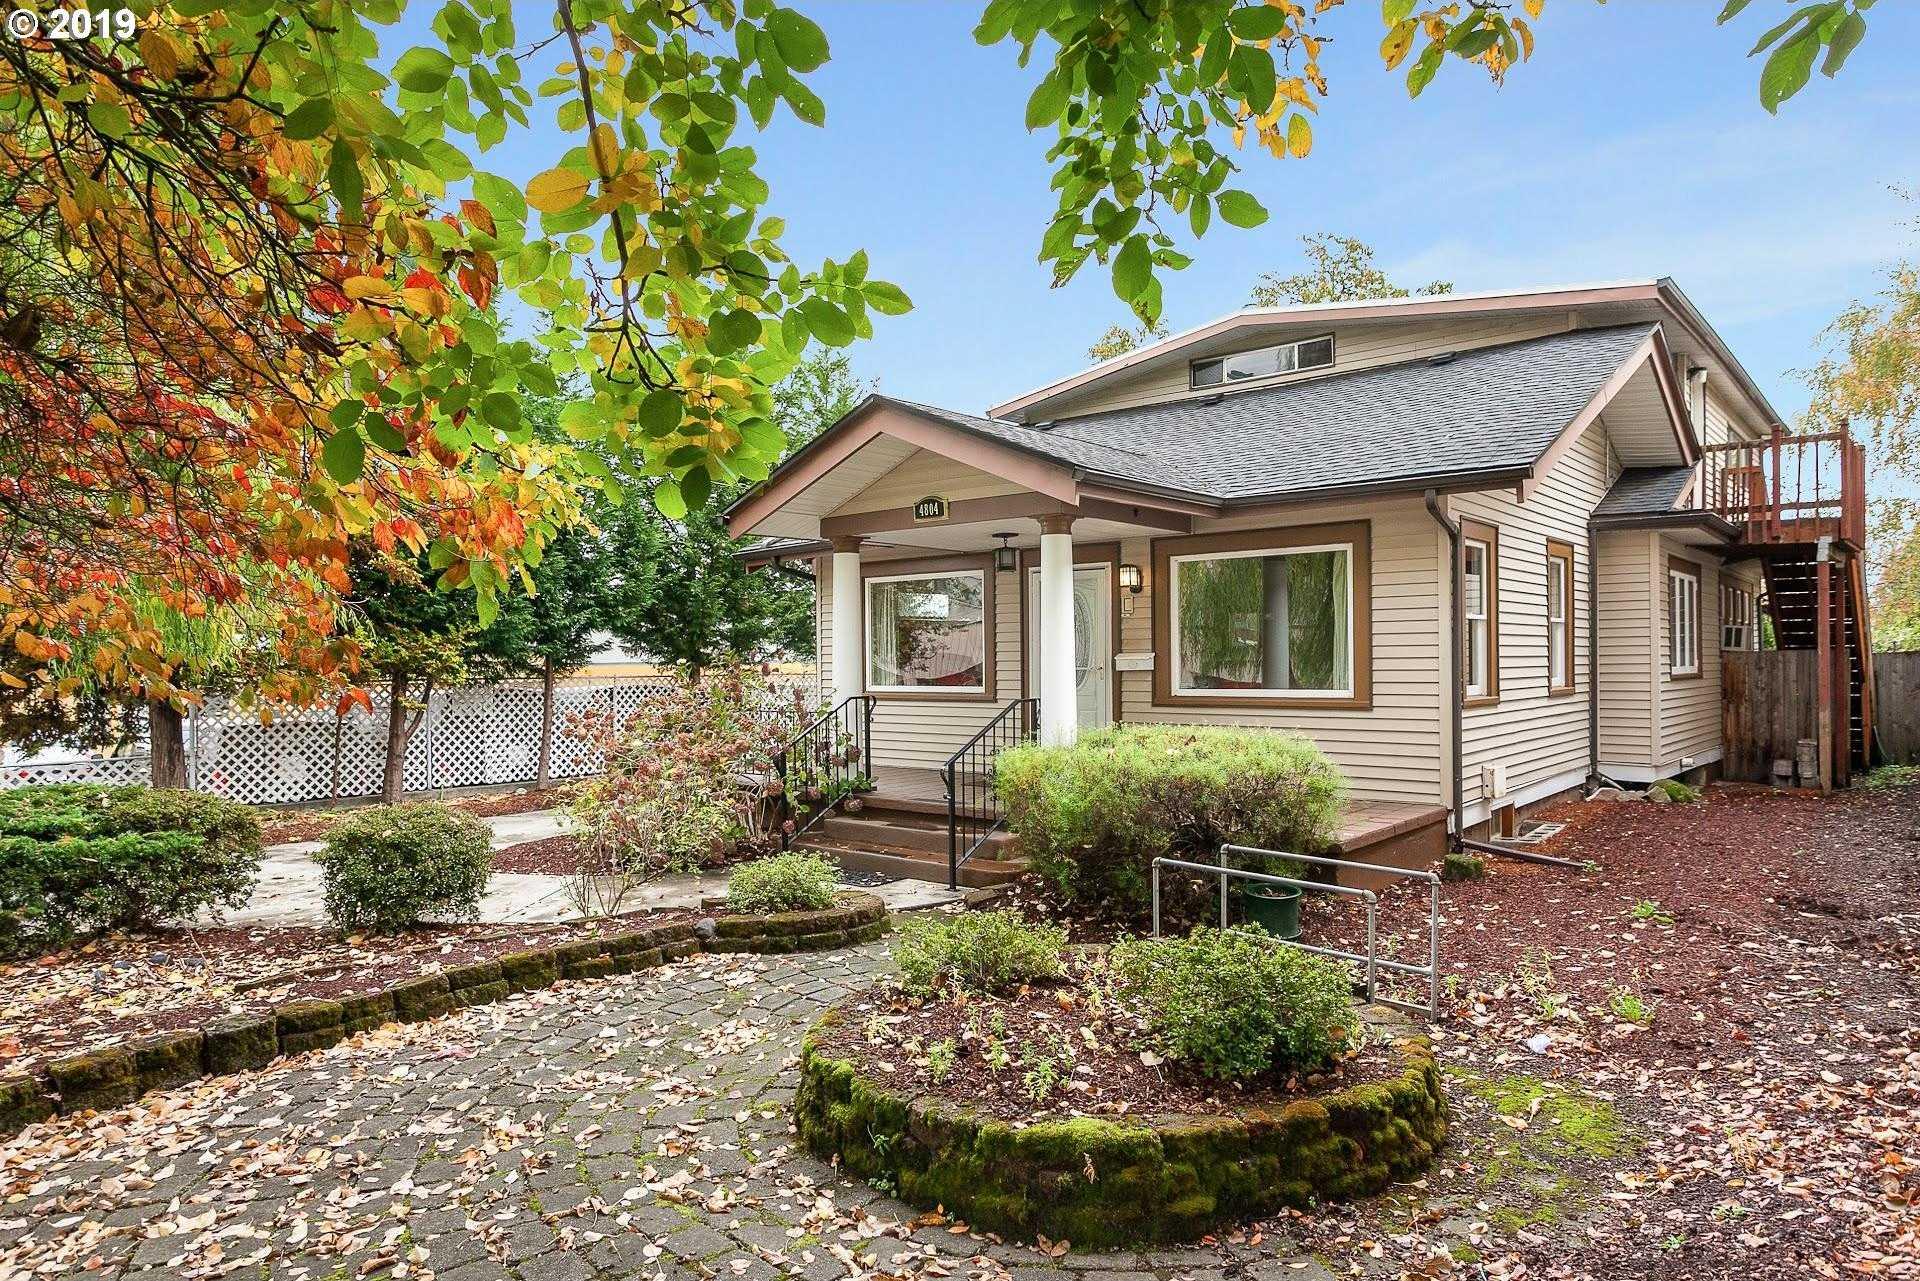 $410,000 - 3Br/3Ba - for Sale in Parkrose-1-blk S. Sandy Blvd, Portland